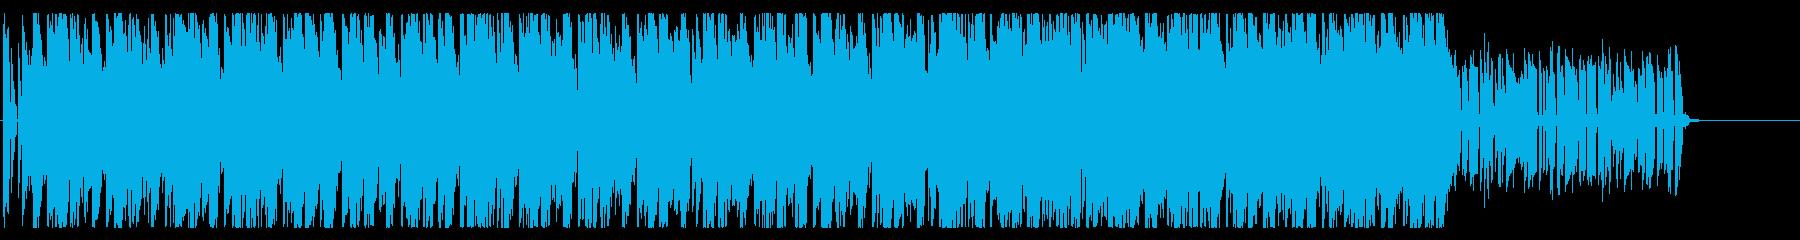 チャイナ感のあるポップの再生済みの波形